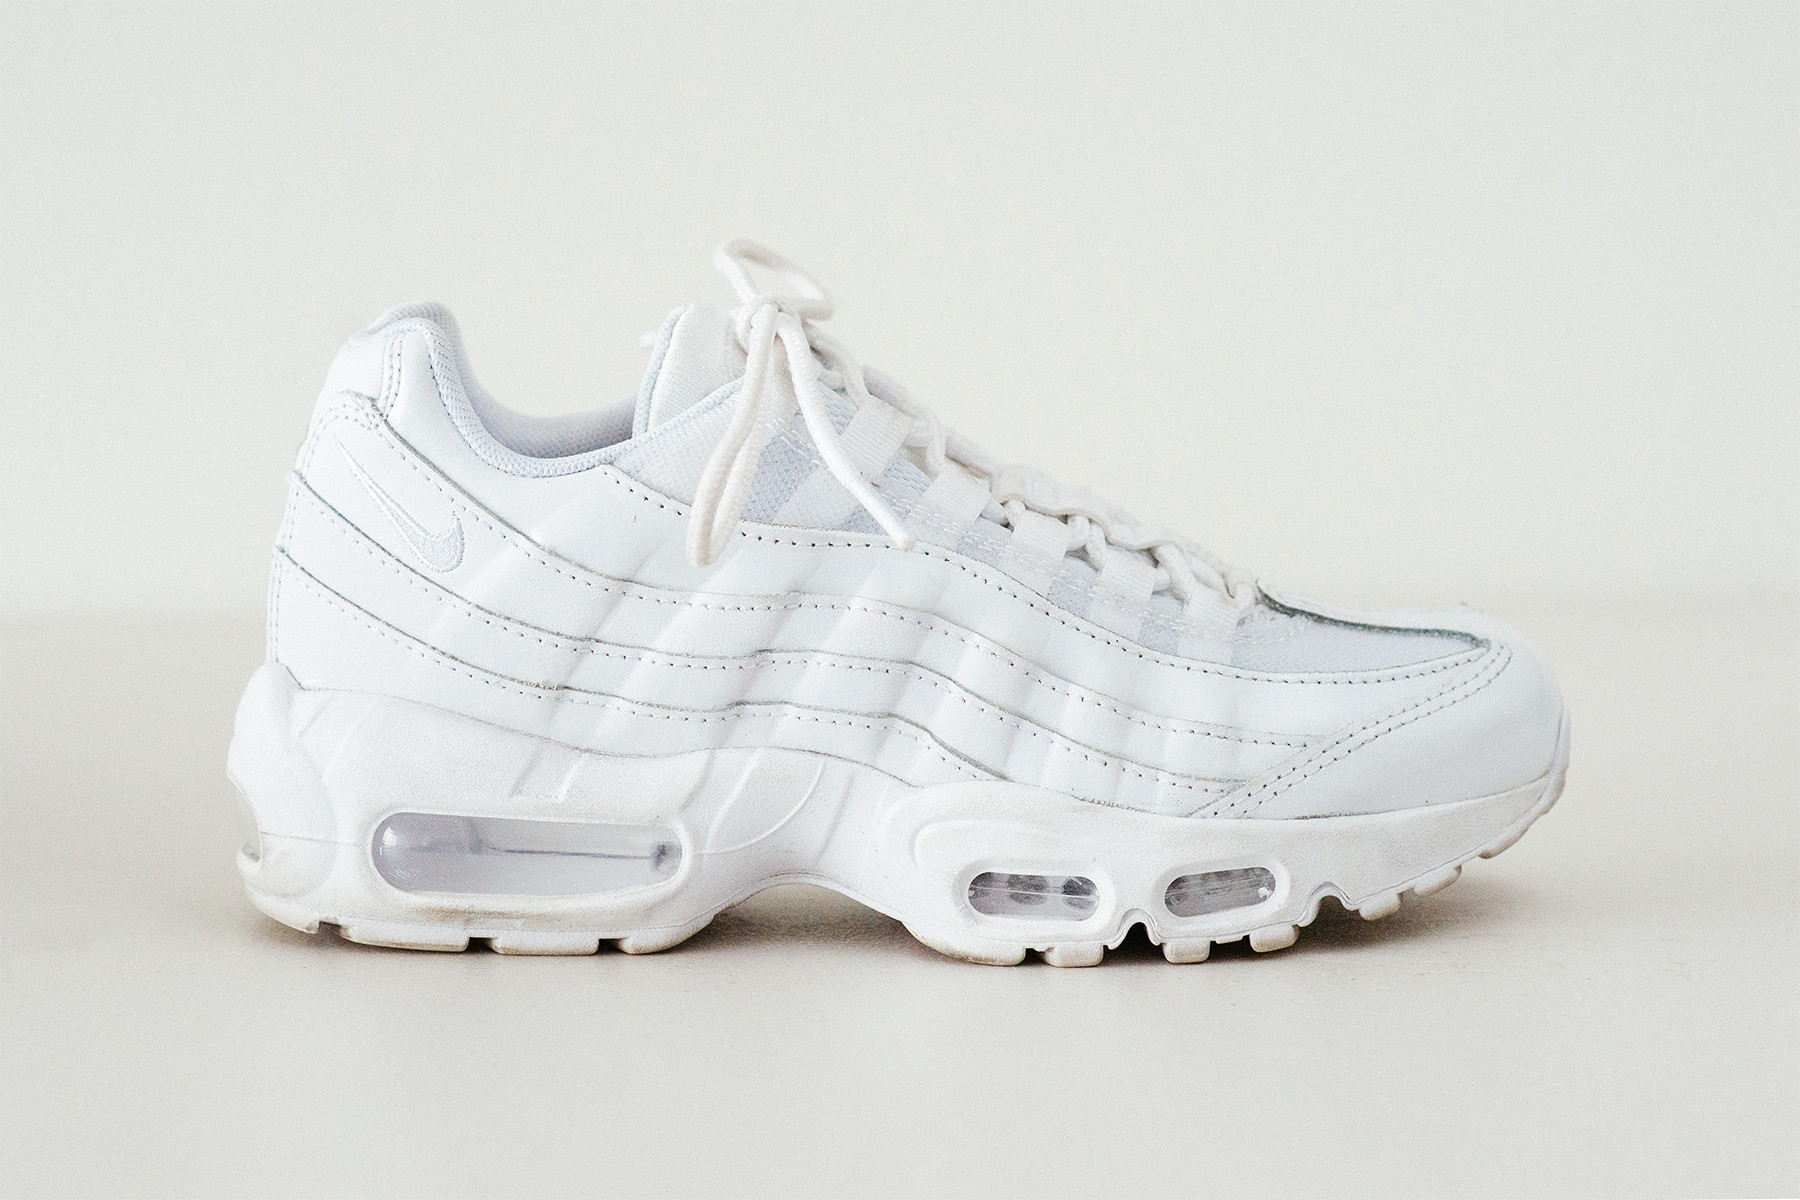 nike air max 95 all white